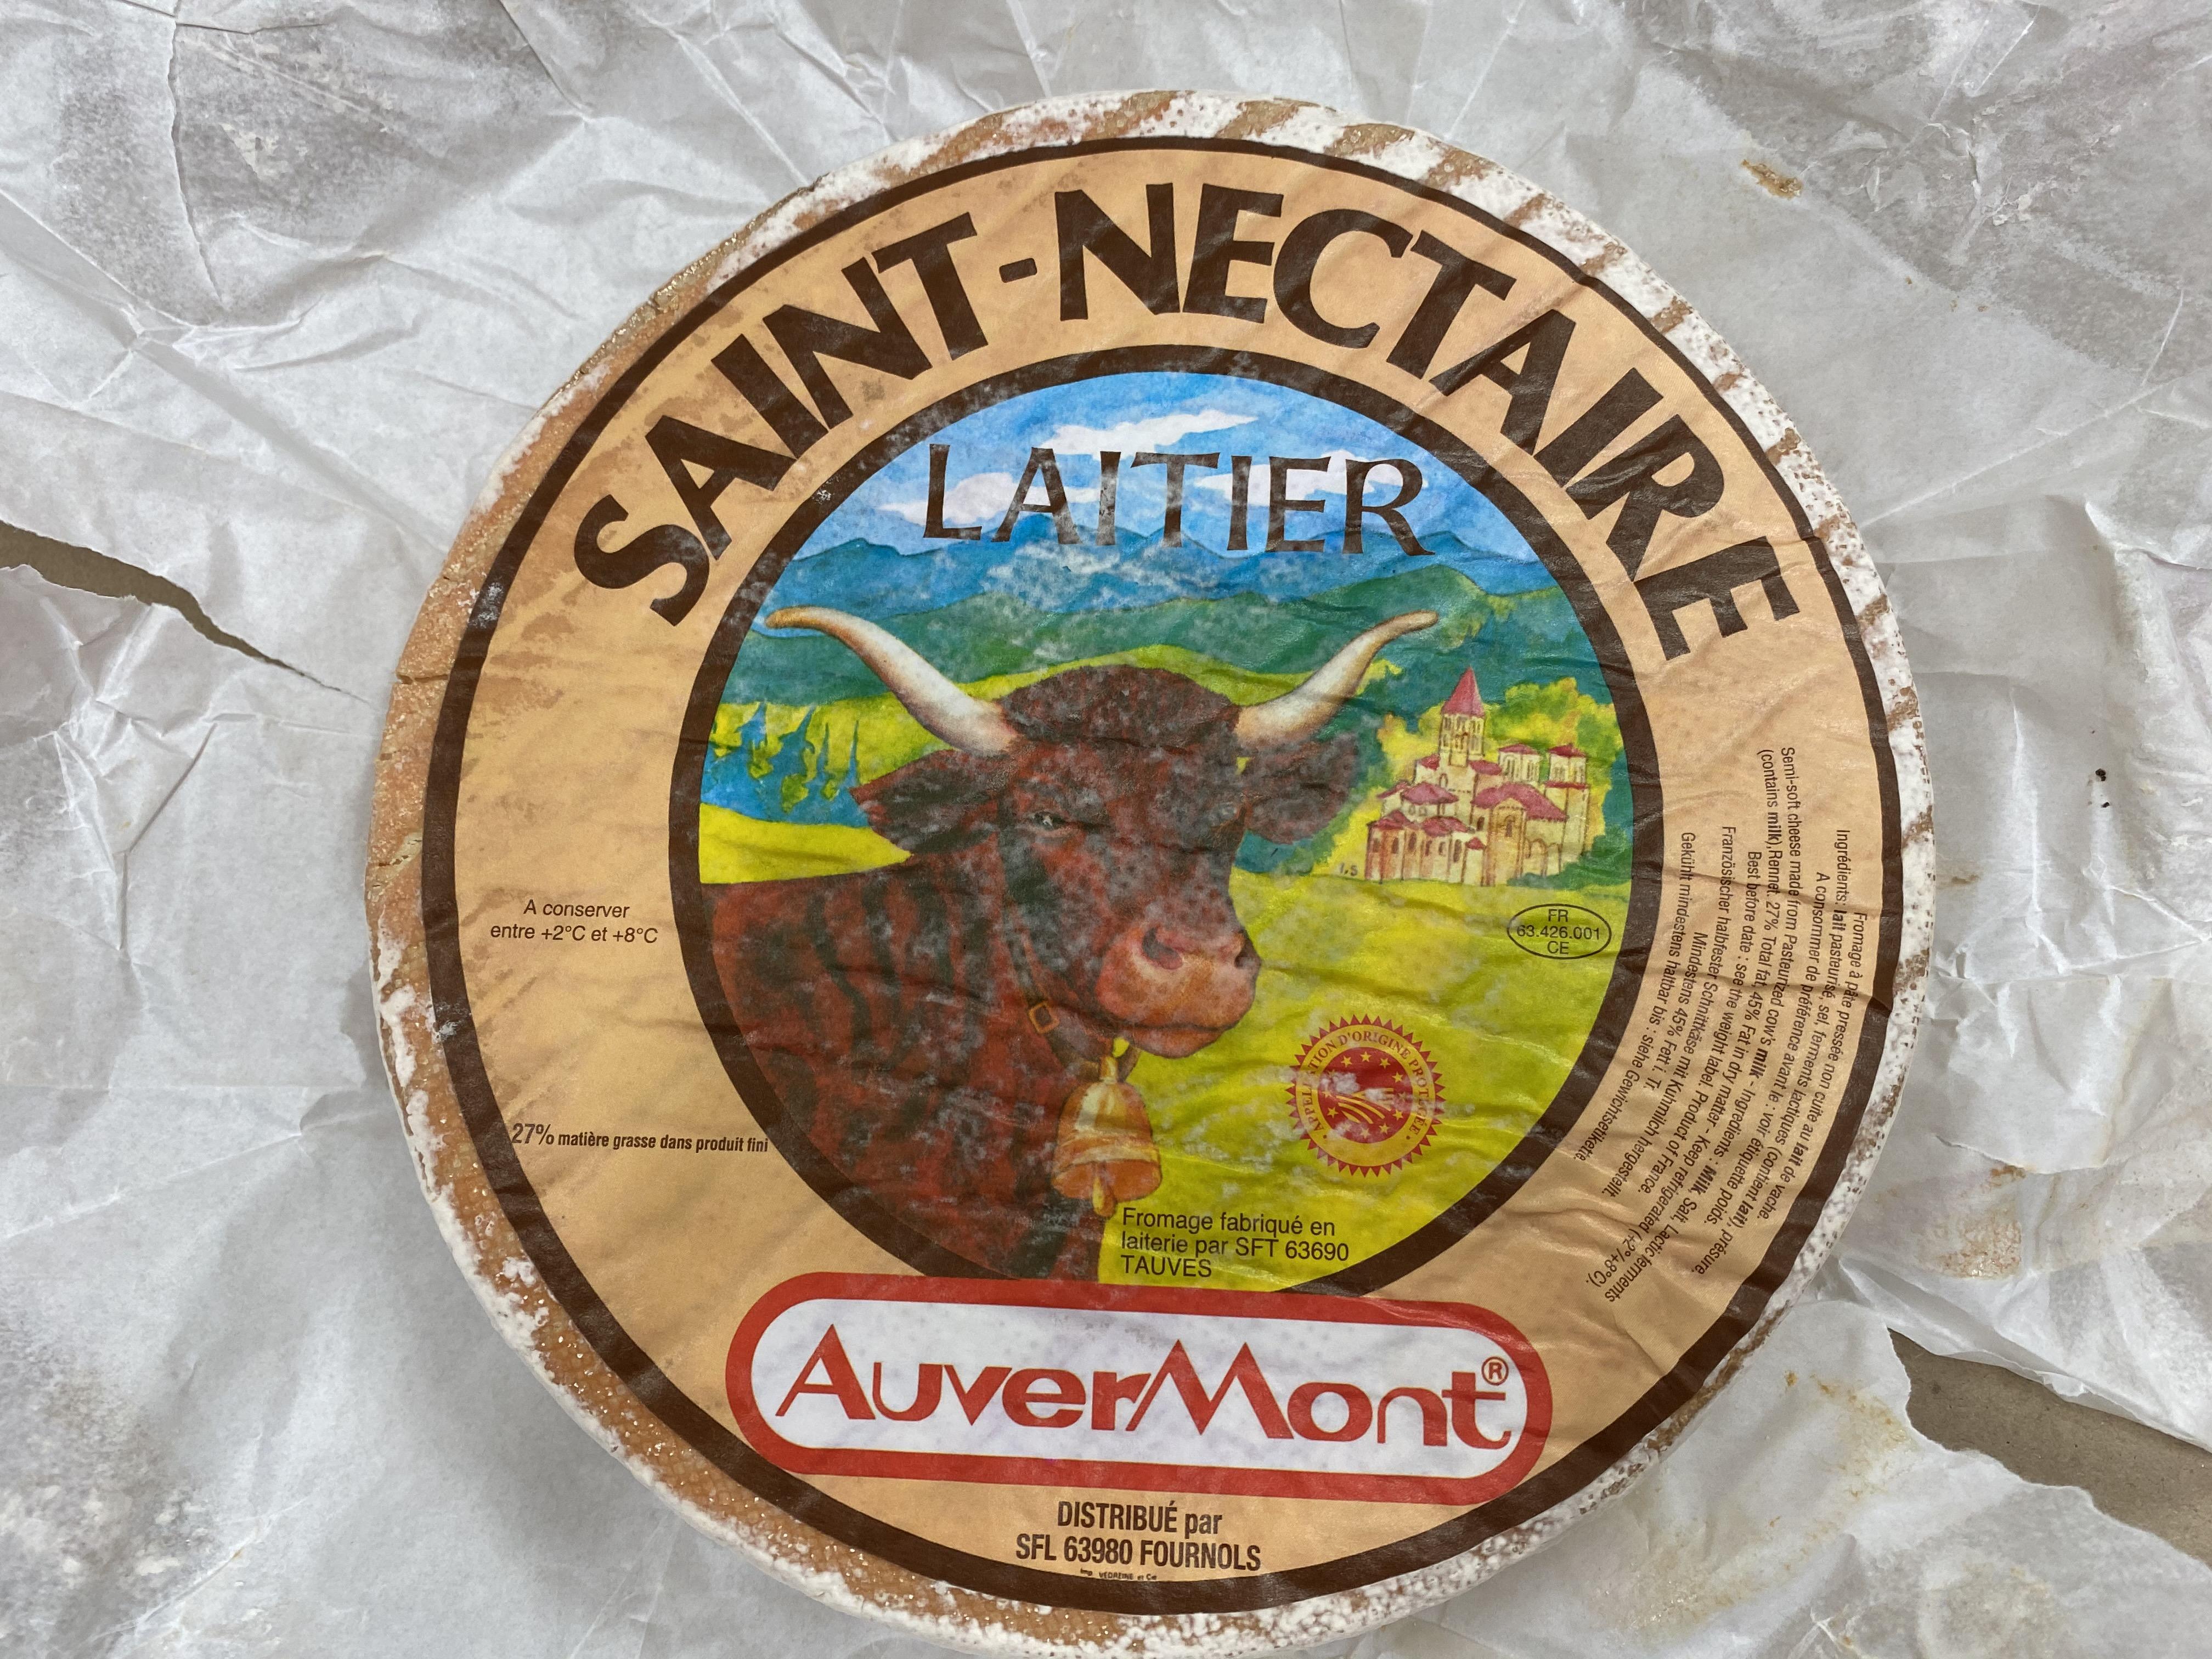 SAINT NECTAIRE LAITIER